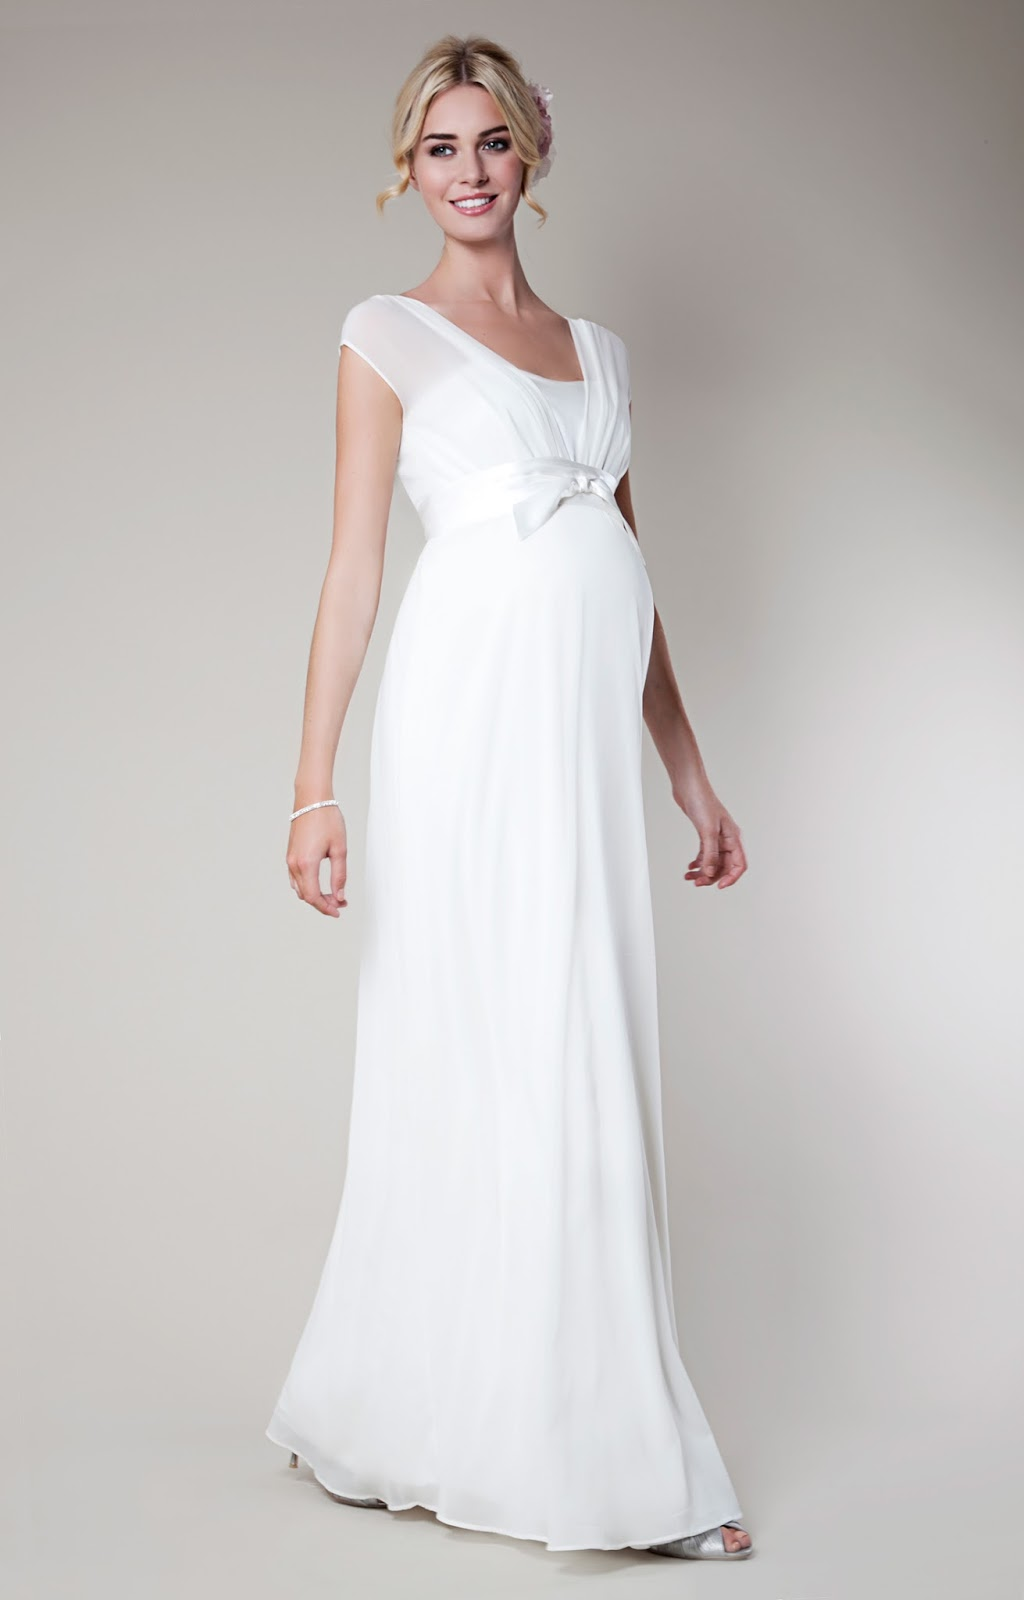 White Dress for Pregnant Women